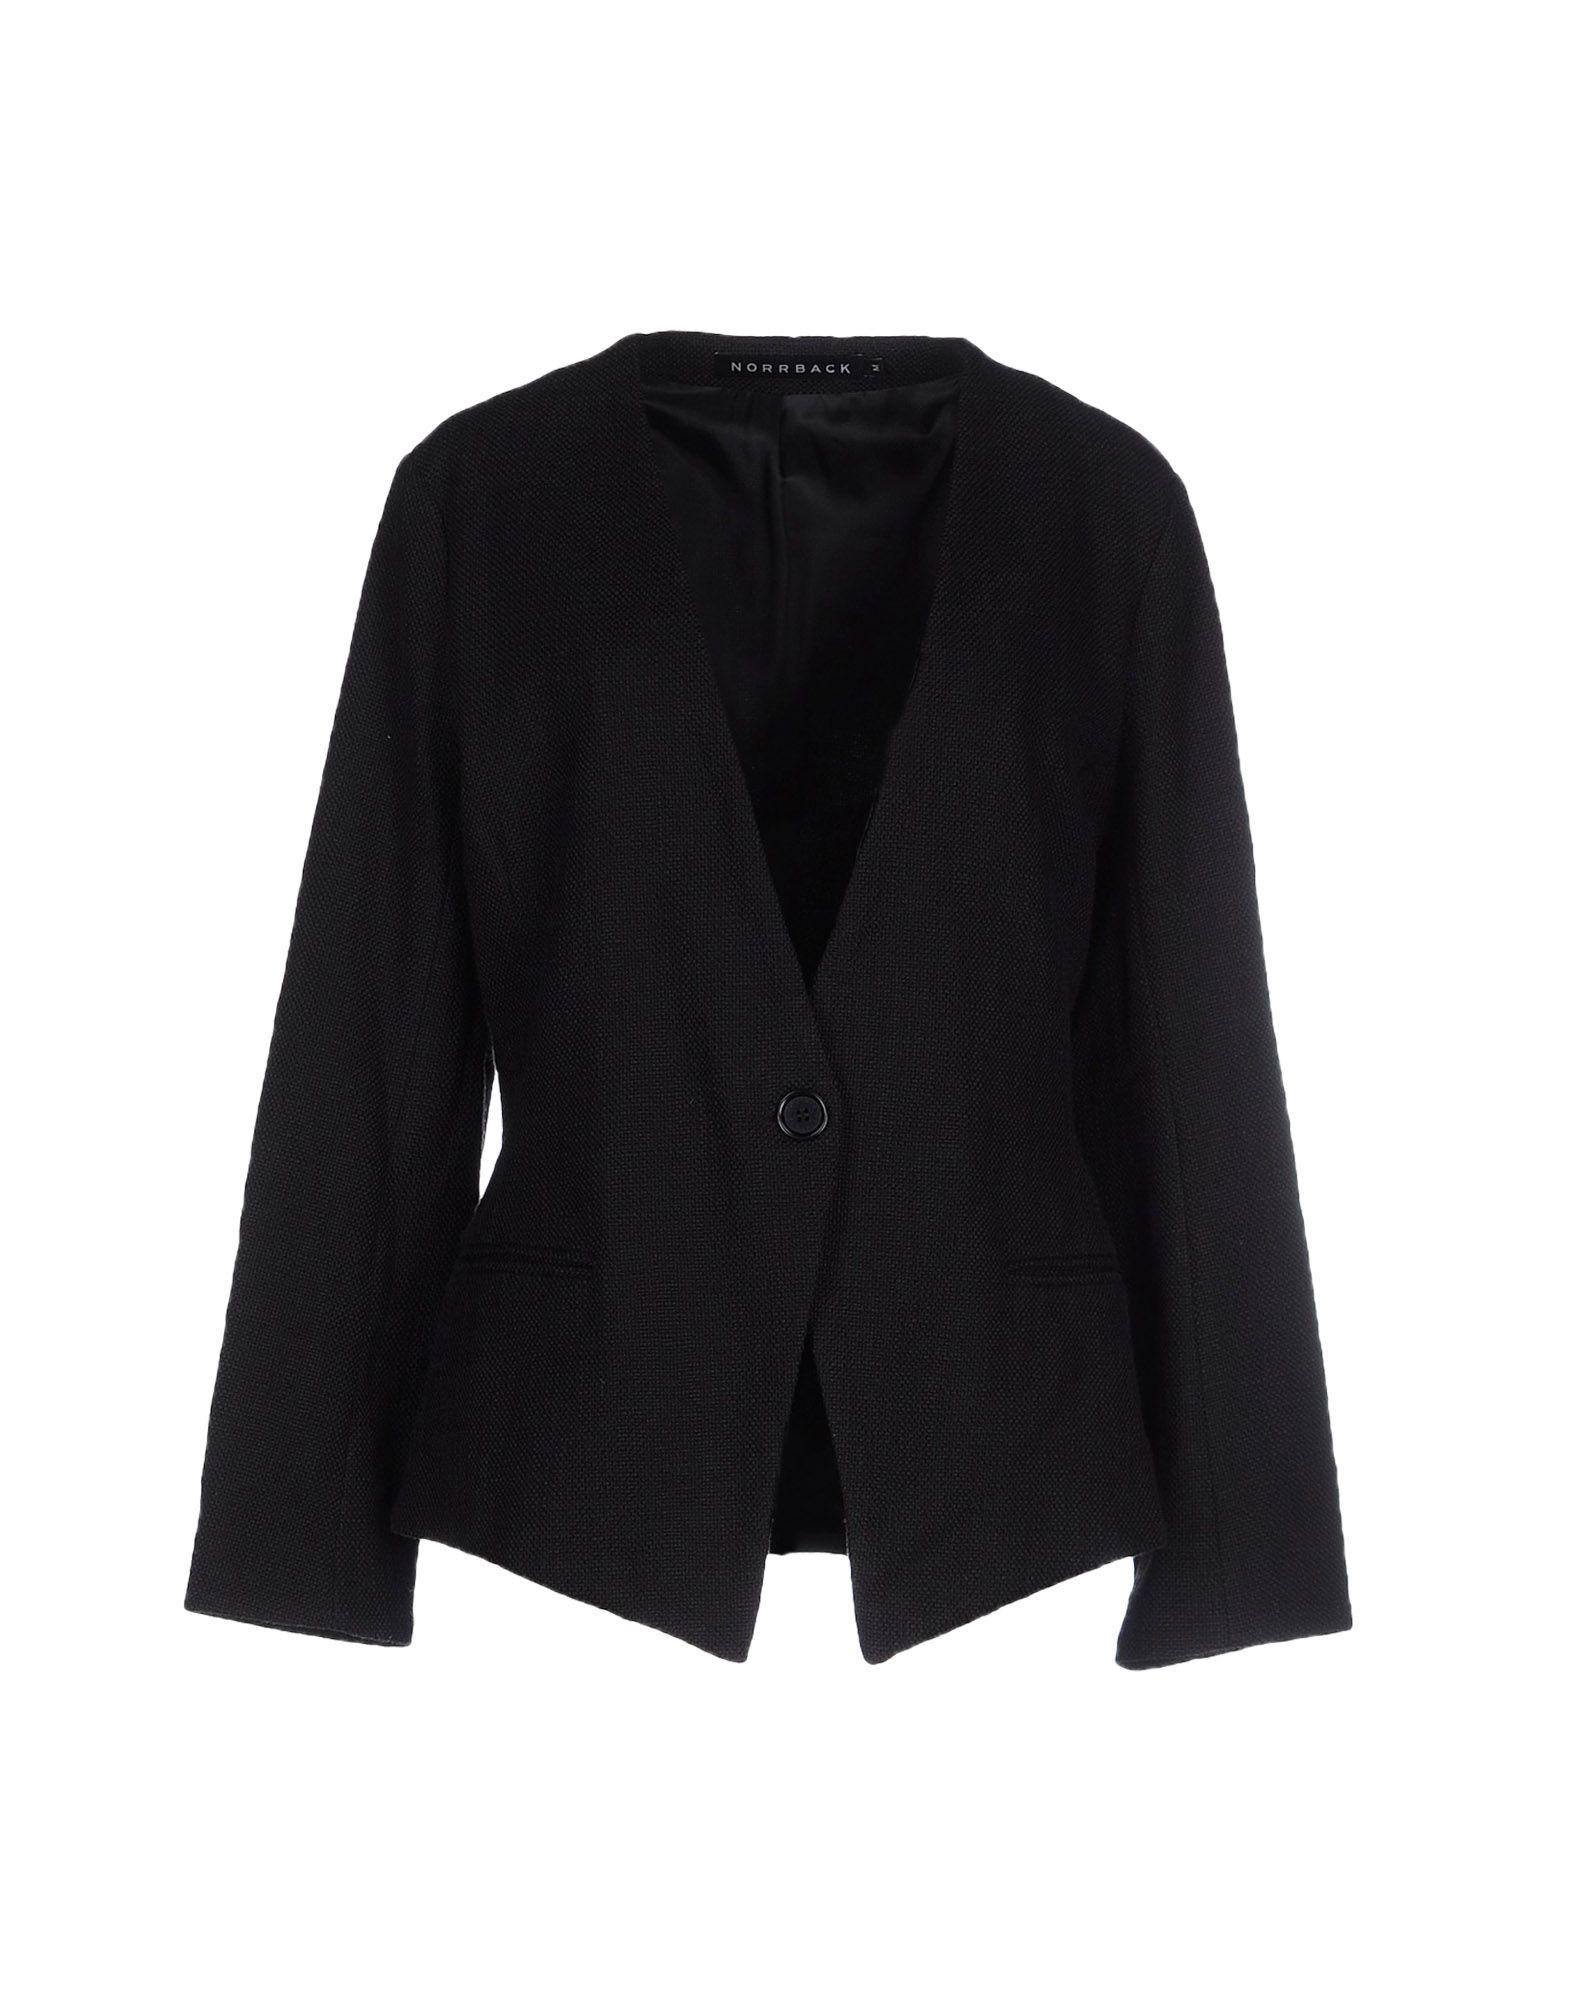 цена CAMILLA NORRBACK Пиджак онлайн в 2017 году